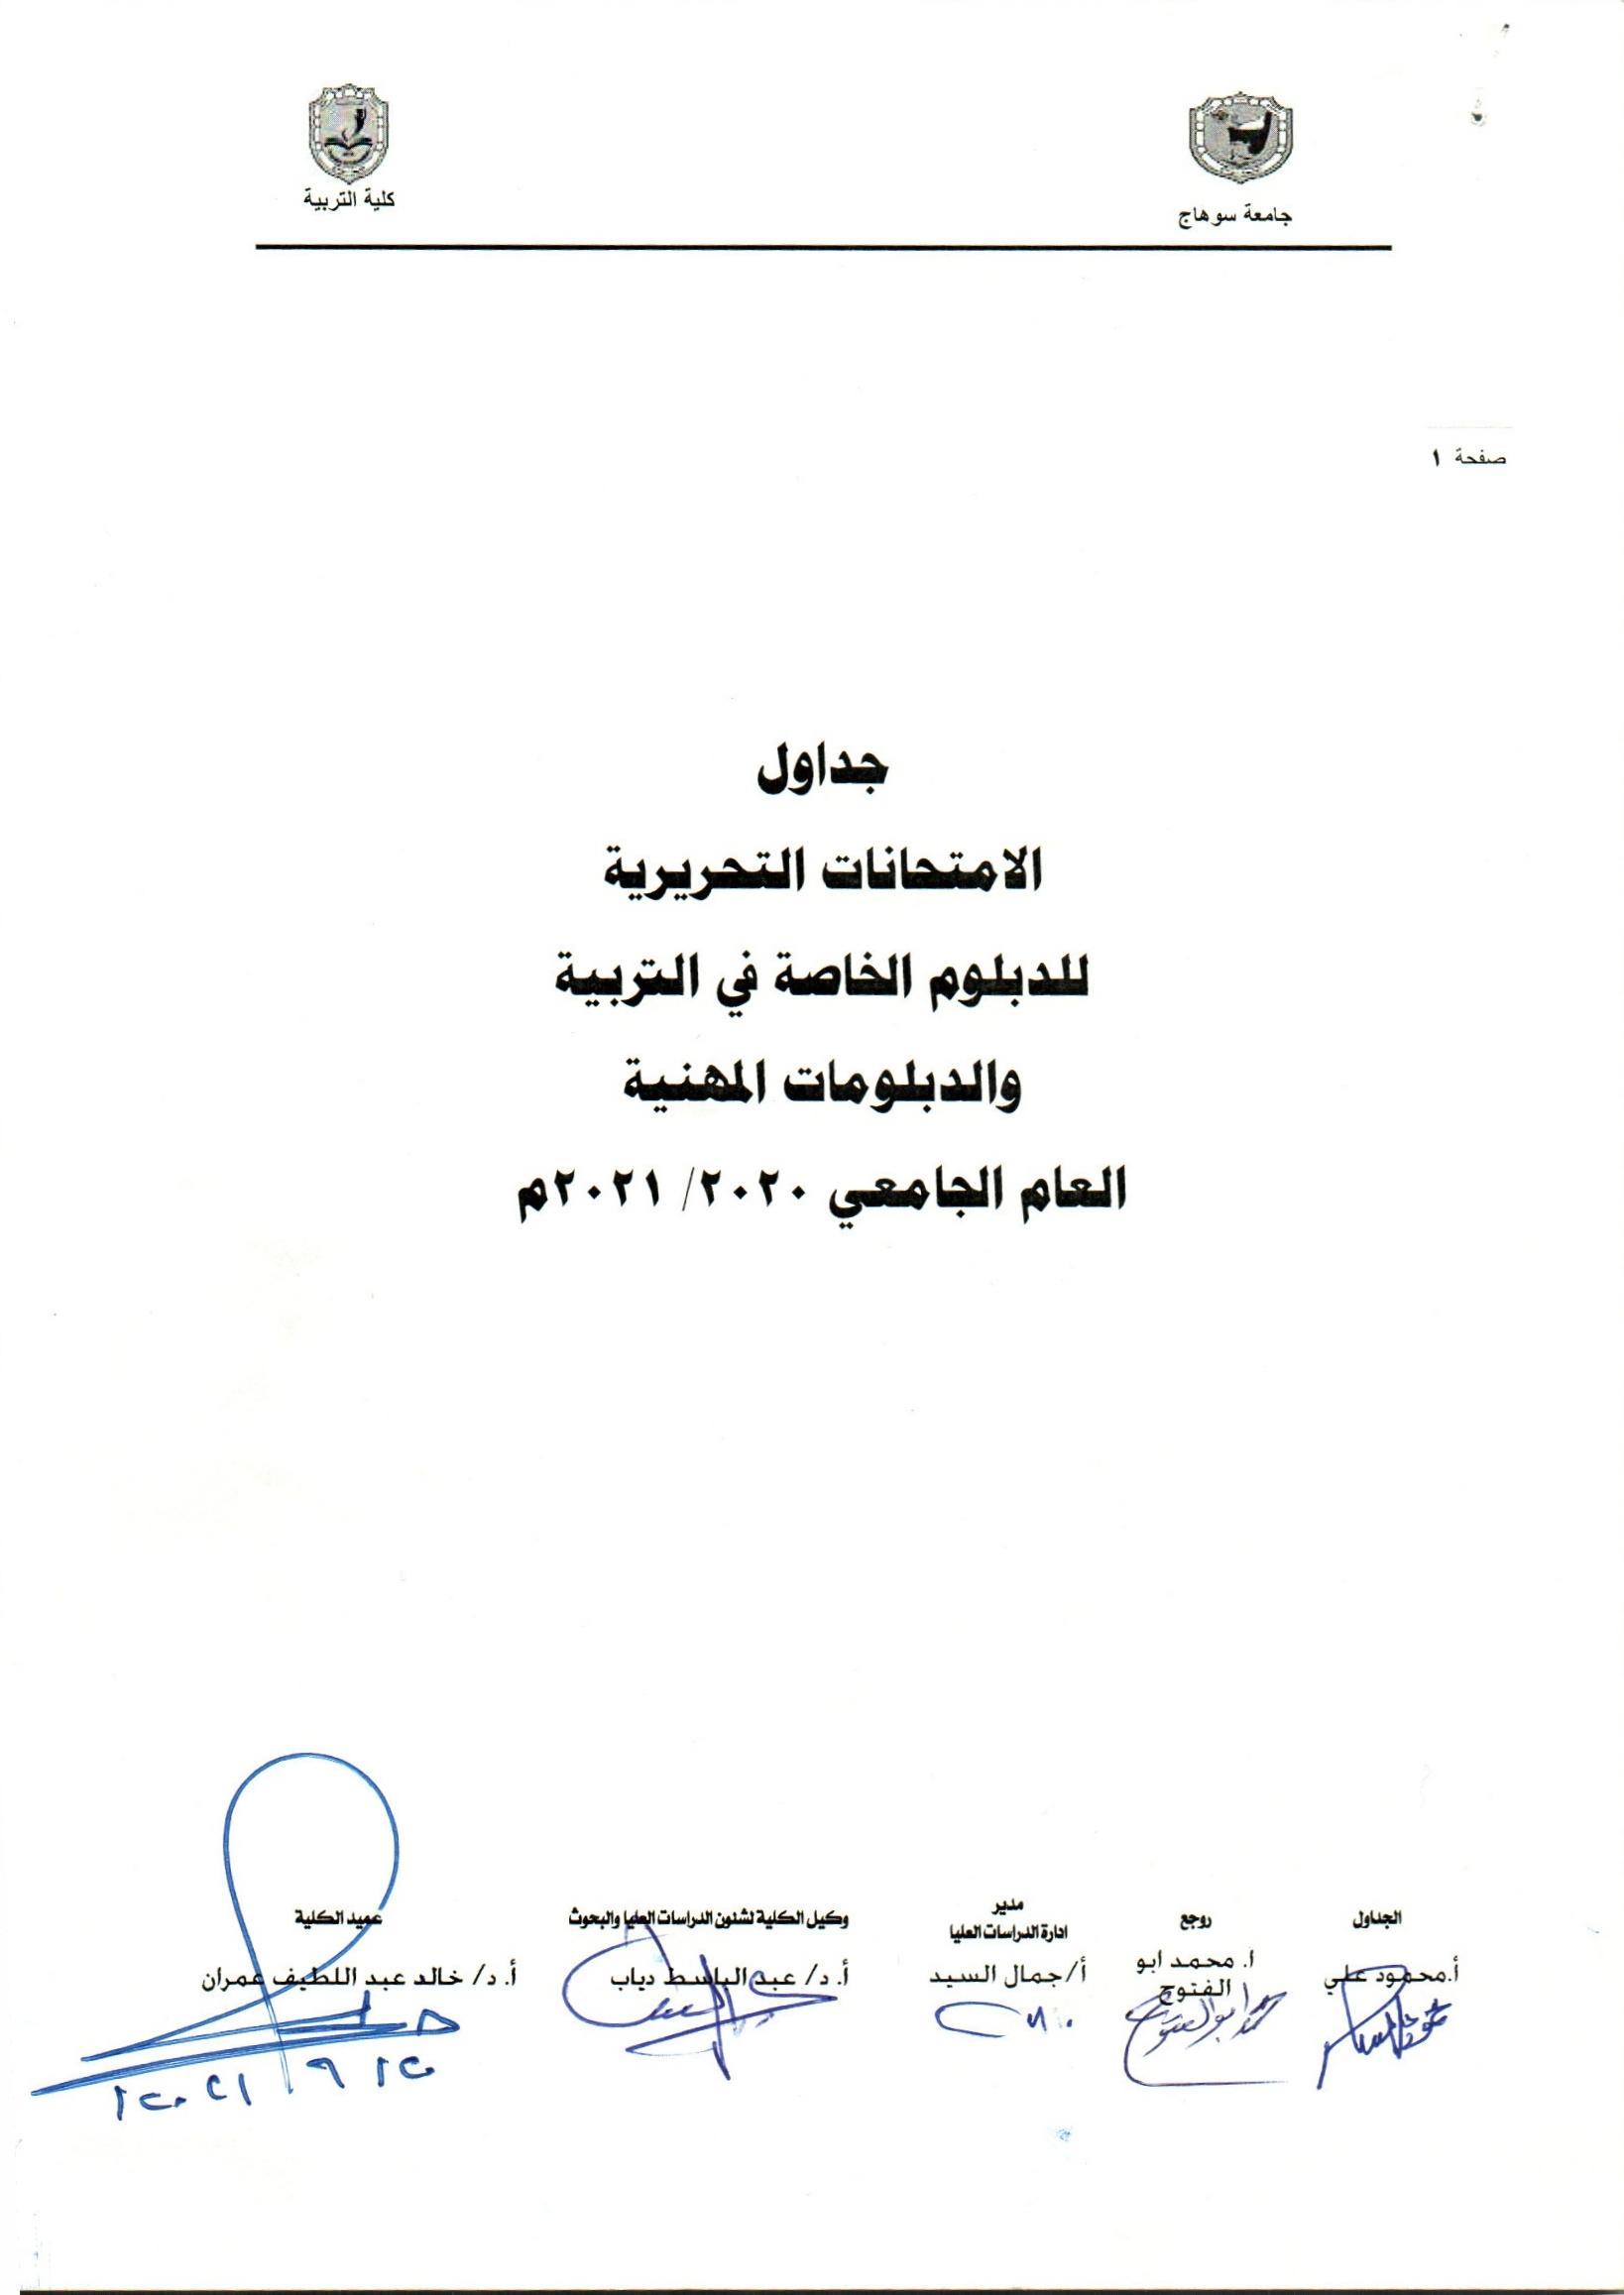 جدول امتحانات الدبلوم المهنية في التربية (جميع التخصصات) للعام الجامعي 2020- 2021م- كلية التربية - جامعة سوهاج - مصر